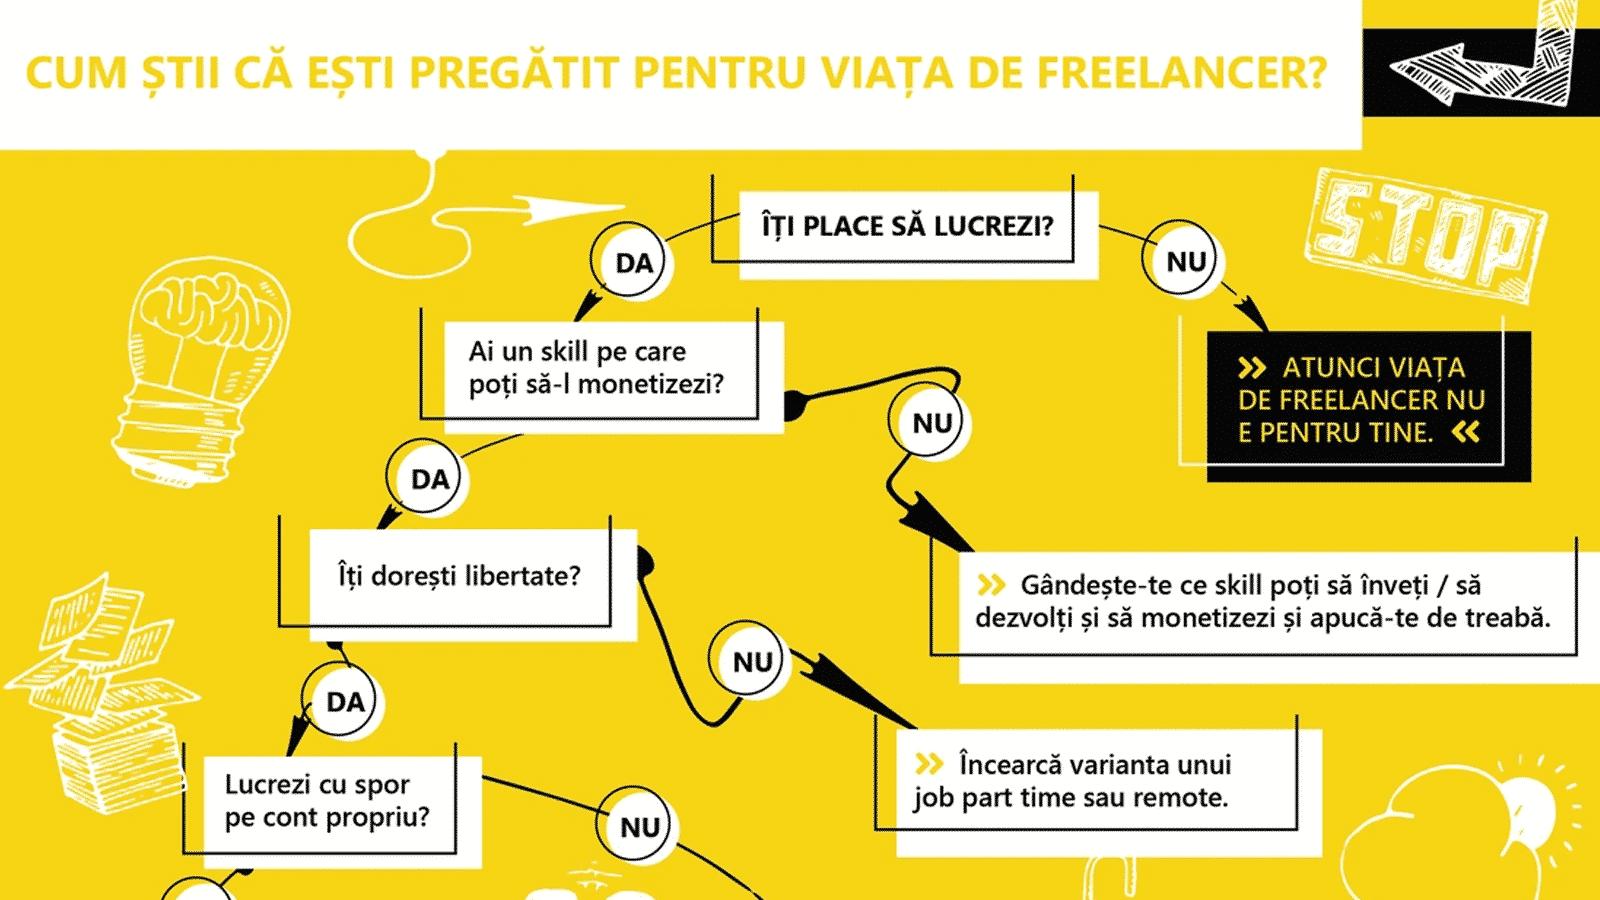 viața de freelancer